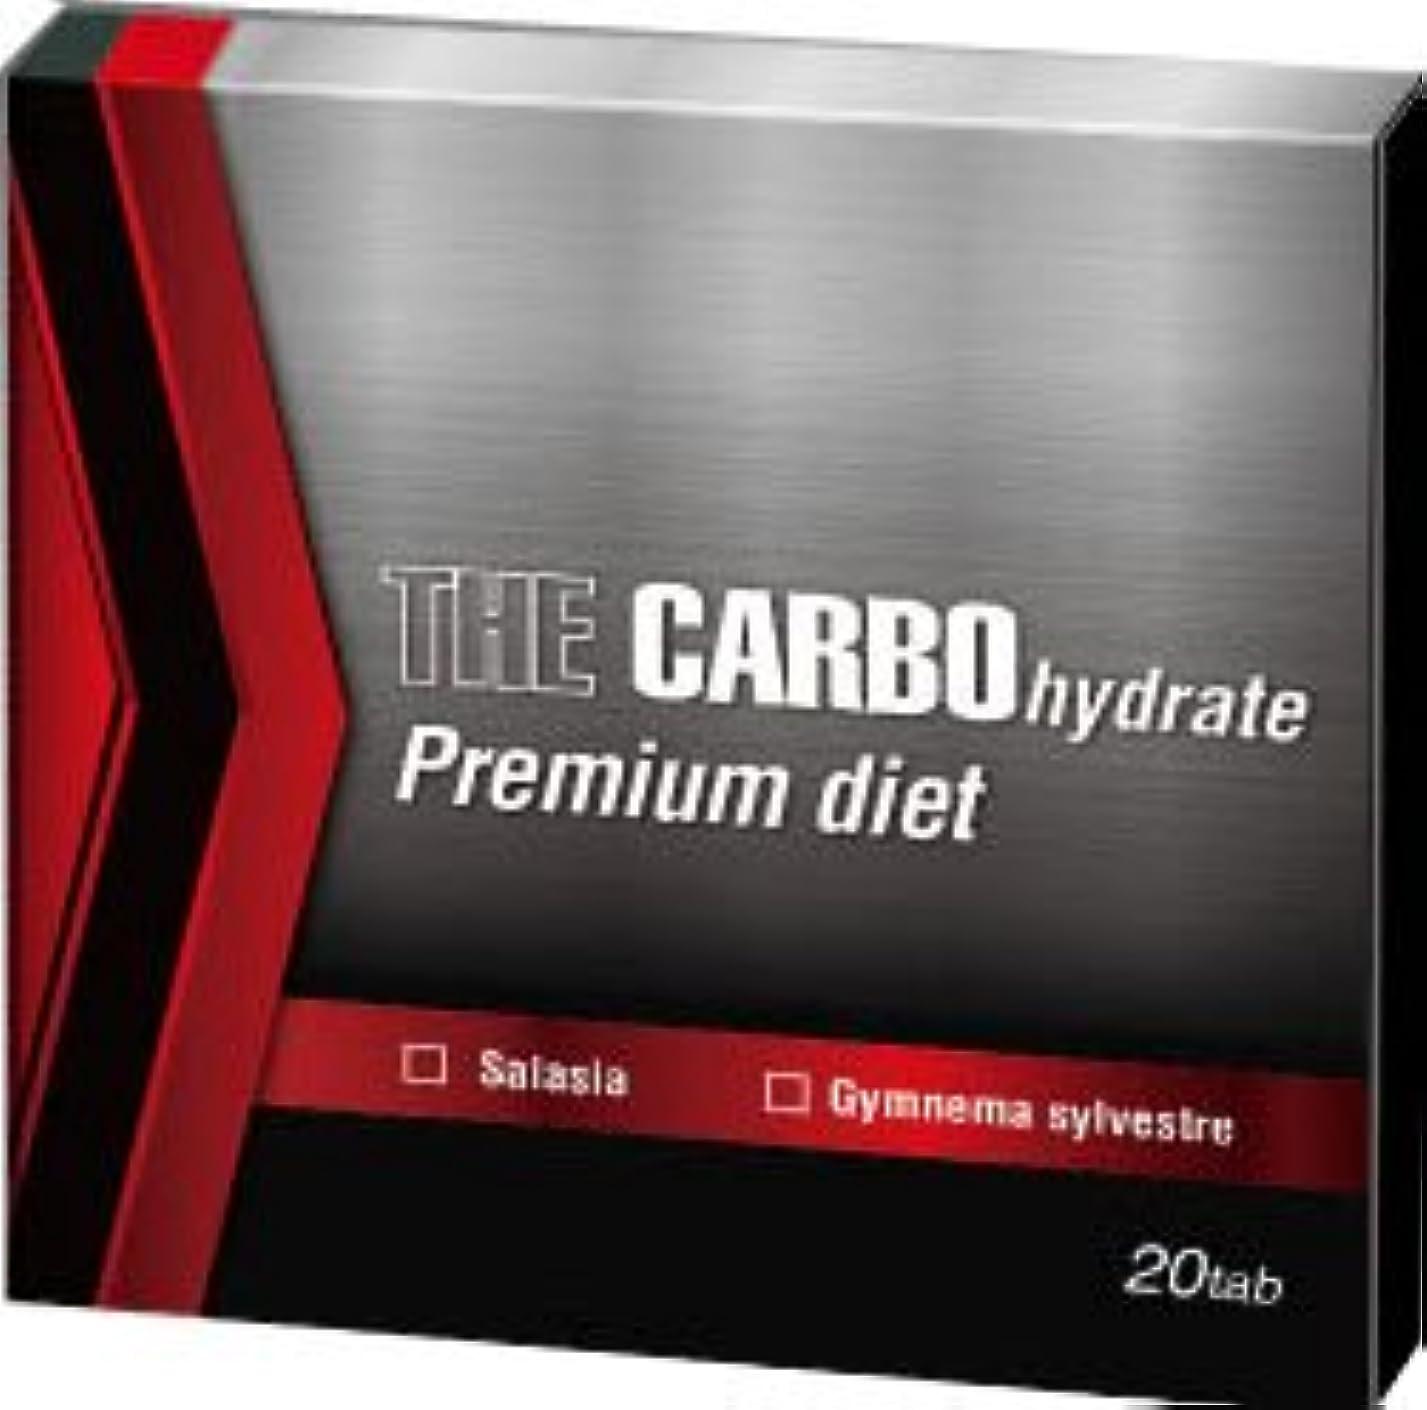 コウモリロンドンブートザ?糖質プレミアムダイエット20Tab〔THE CARBO hydrate Premium daiet〕